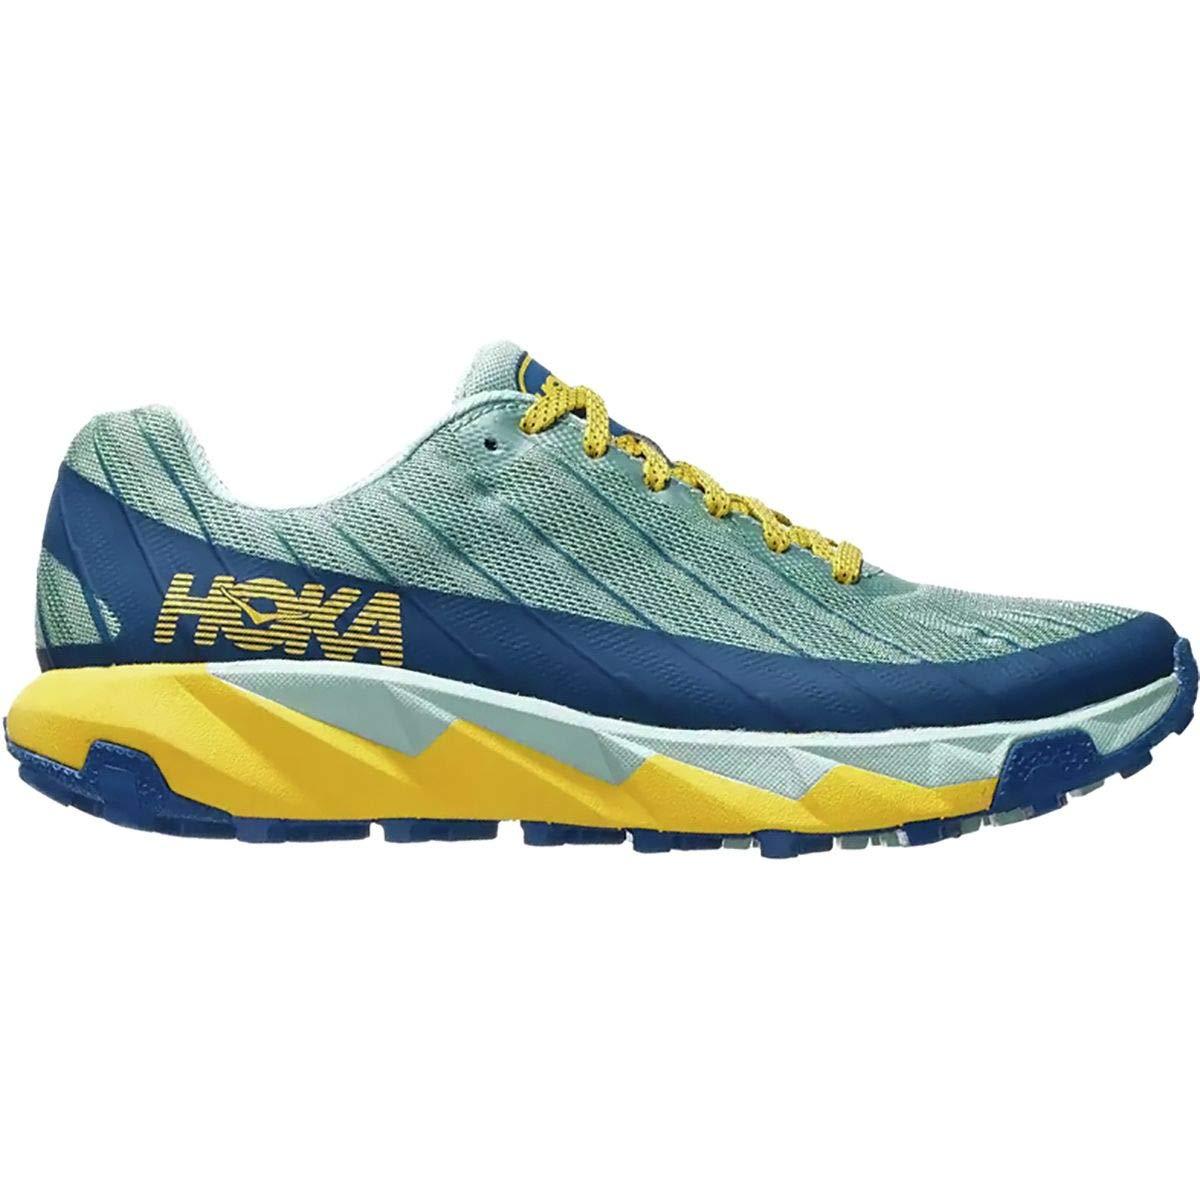 希少 黒入荷! [ホッカオネオネ] レディース Shoe レディース ランニング Torrent Trail Run Shoe [並行輸入品] Trail B07MCXVCJG 11, ミズサワシ:29b73e8b --- mail.hitlerdenim.com